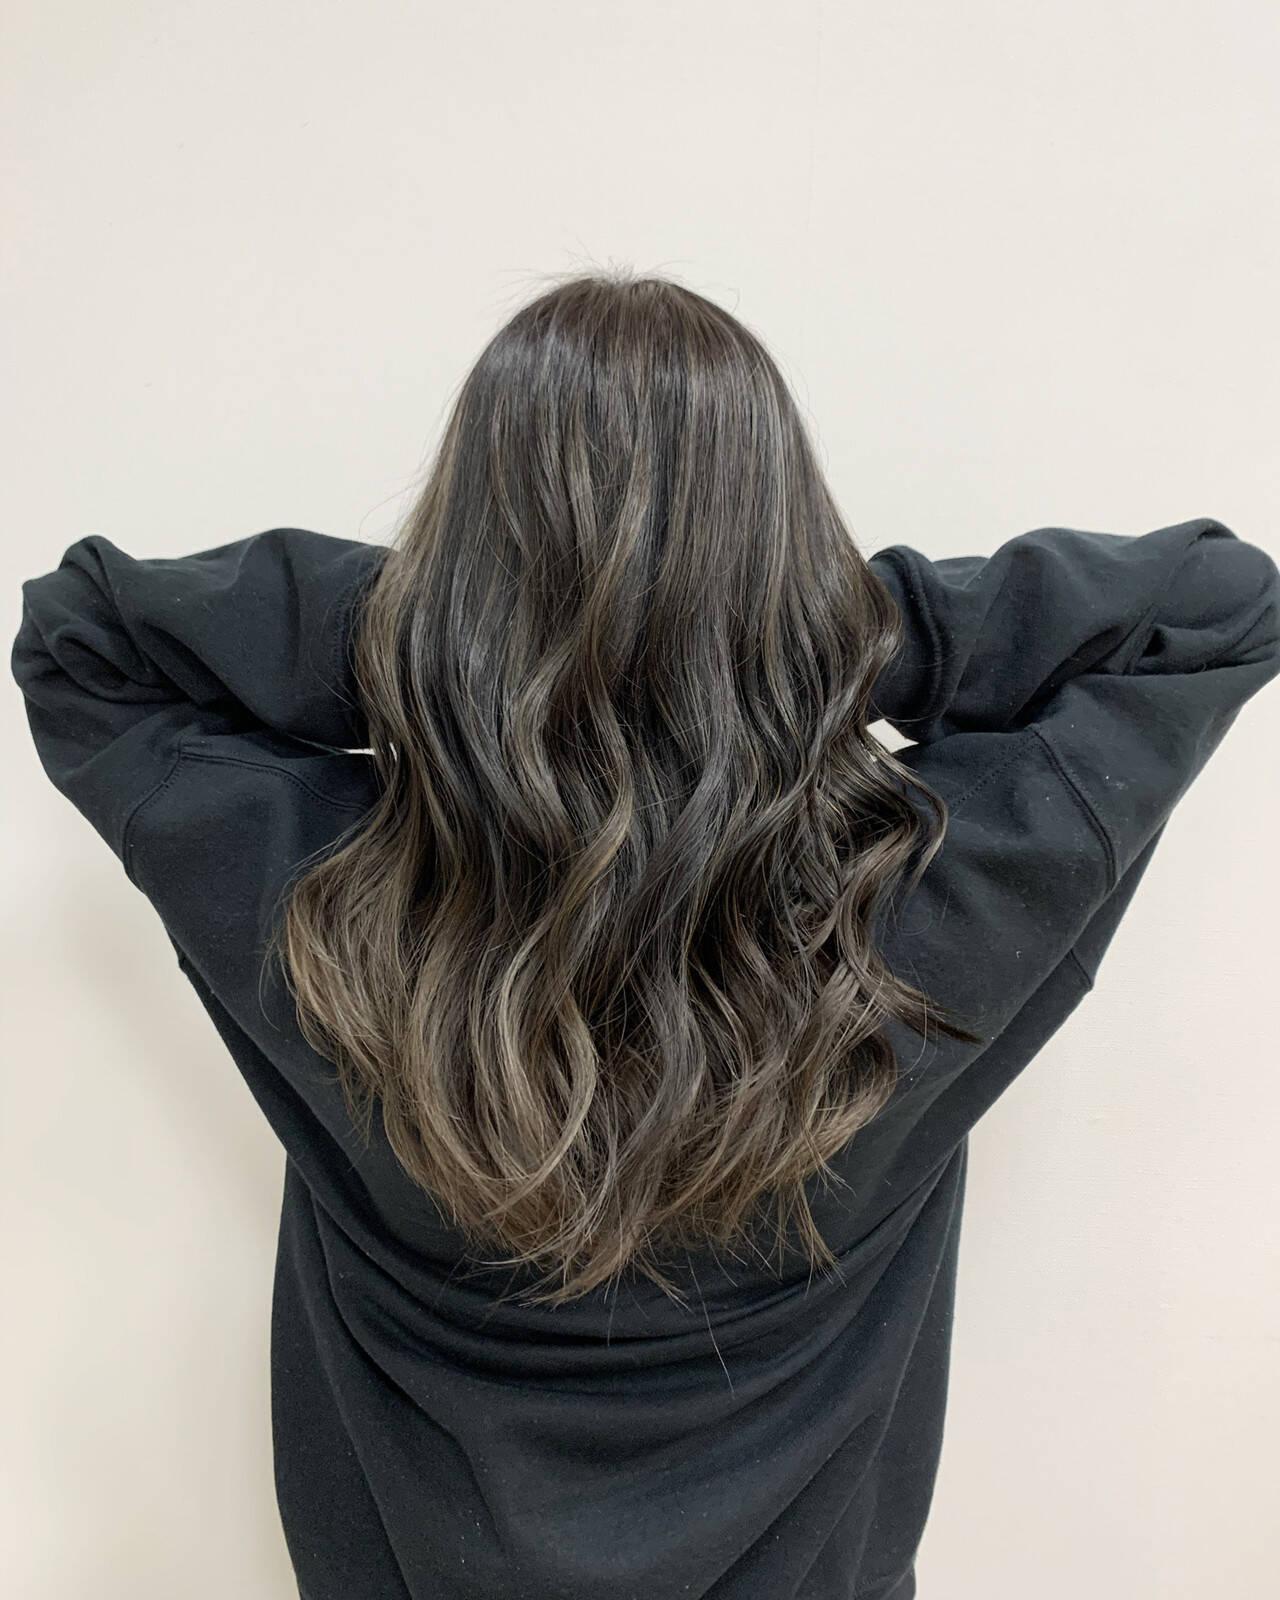 ハイライト セミロング 大人ハイライト グレージュヘアスタイルや髪型の写真・画像